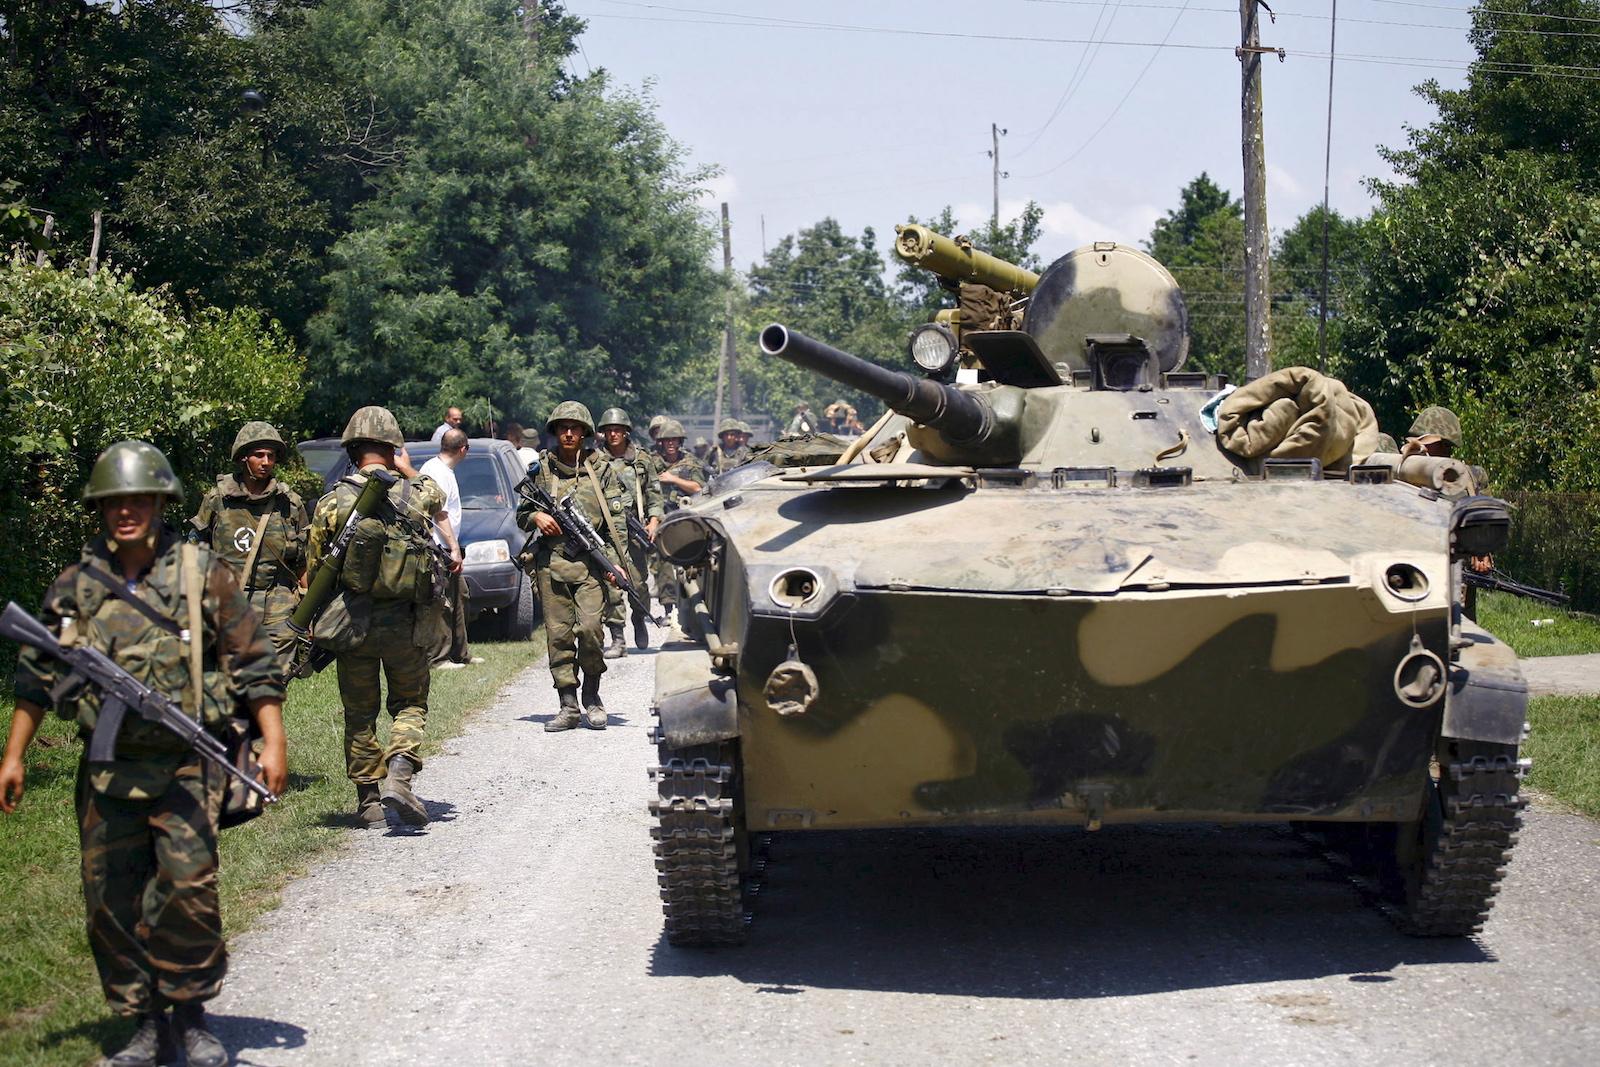 რუსეთის ჯარისკაცები ზუგდიდის მიდამოებში. შედიან სოფელ ხურჩაში EPA/BESO GULASHVILI